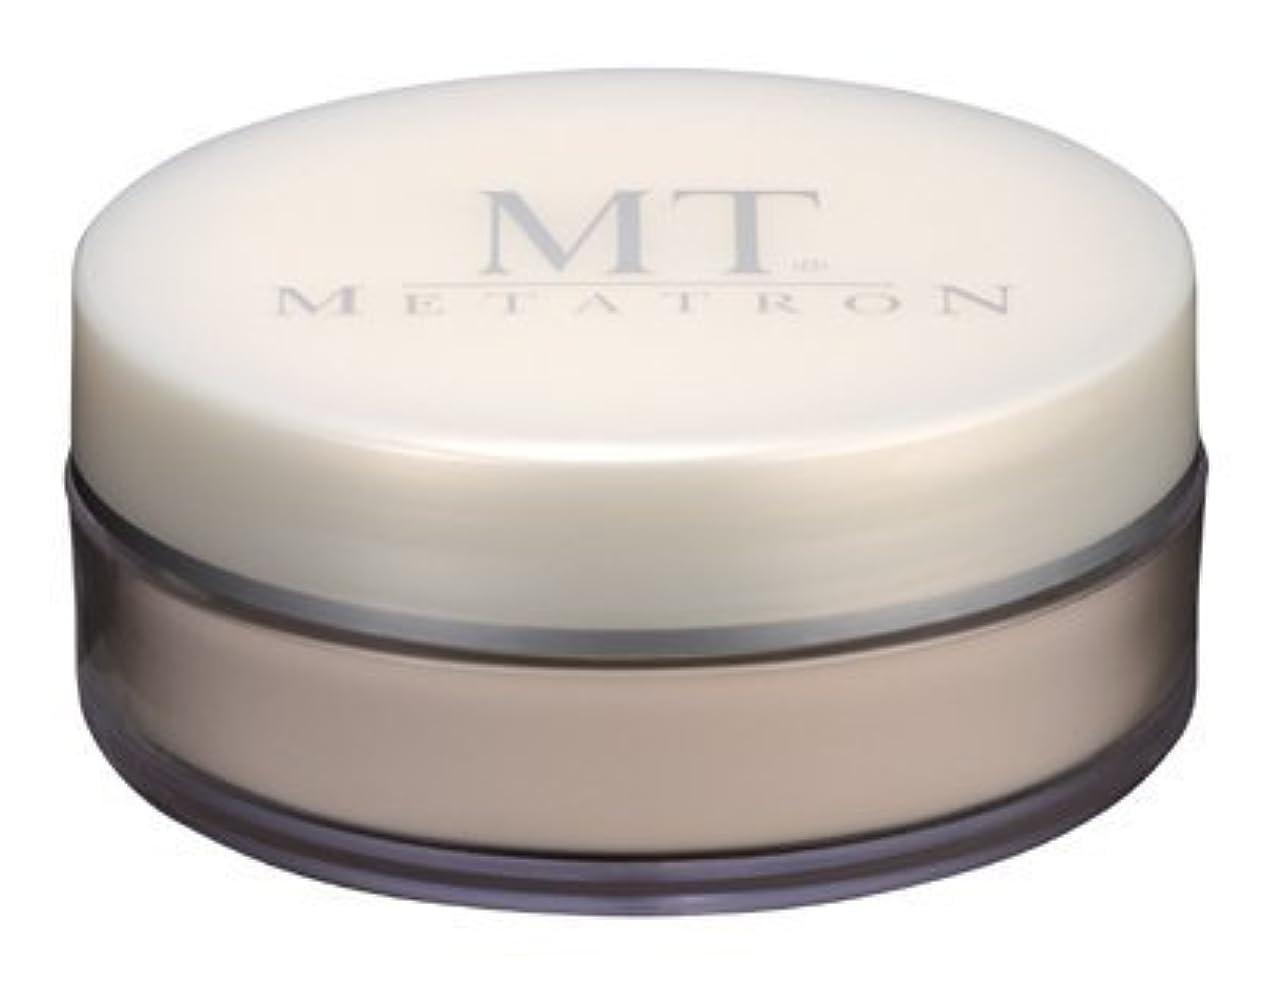 くつろぐコース箱MTメタトロン プロテクトUVルースパウダー20g 【オークル】 SPF10